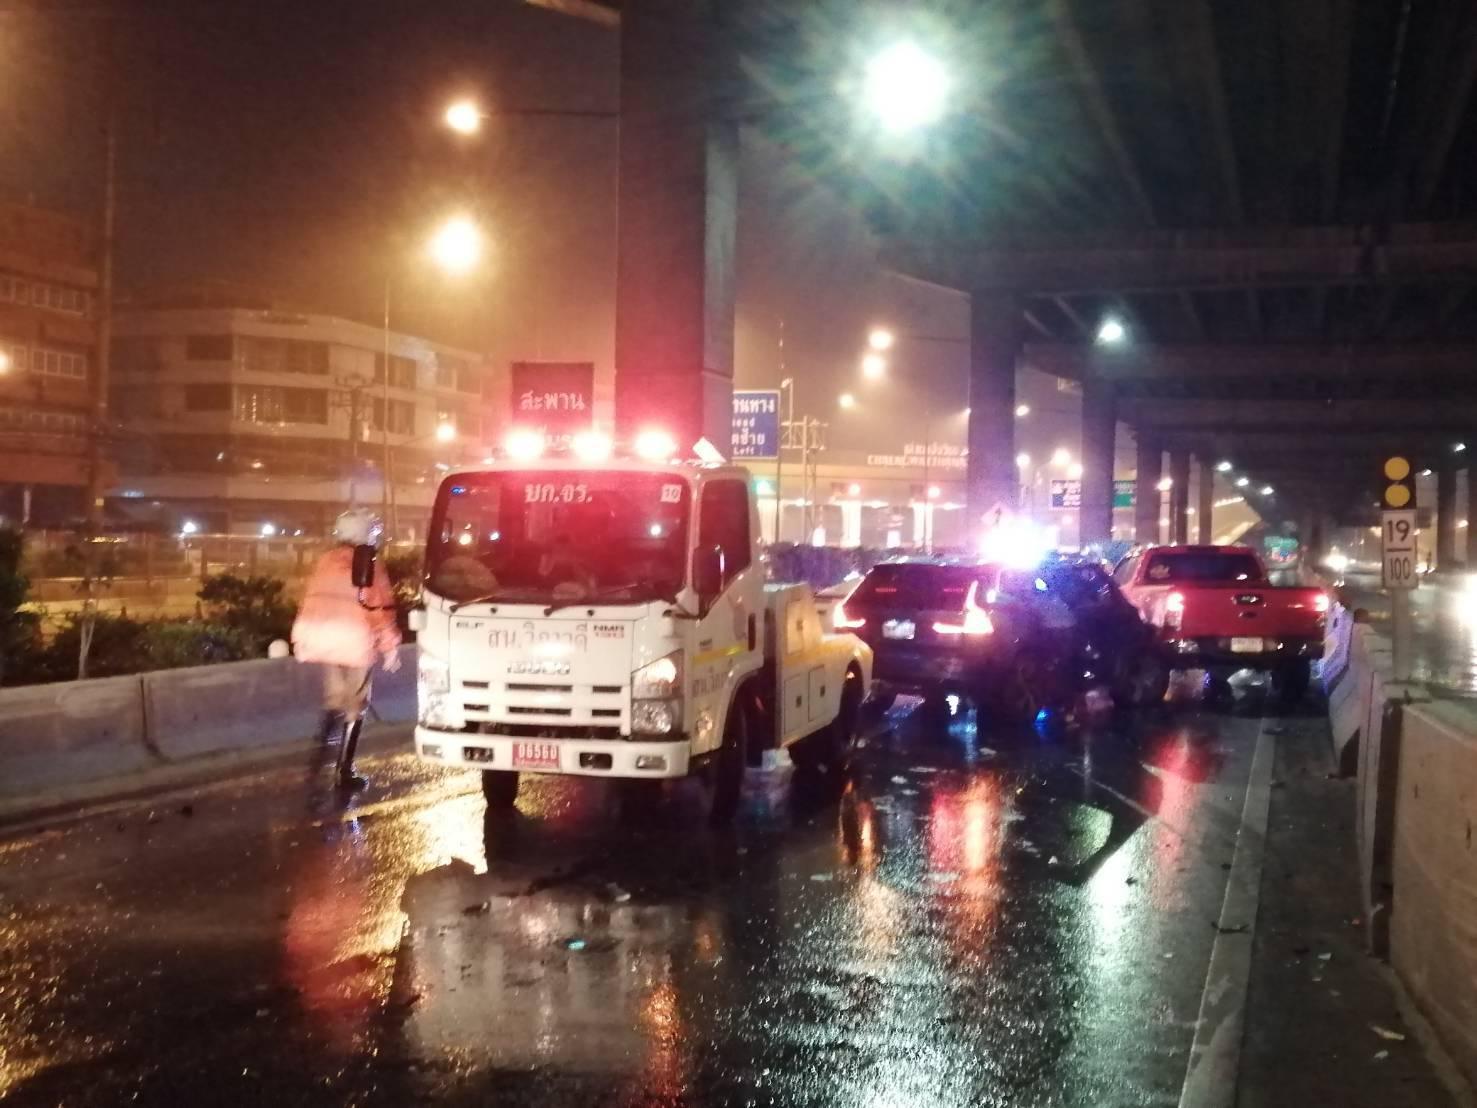 ขับฝ่าฝนชนระนาว 20 คัน บน ถ.วิภาวดี - สะพานใหม่เสยกันยับ 5 คัน ดับ 1